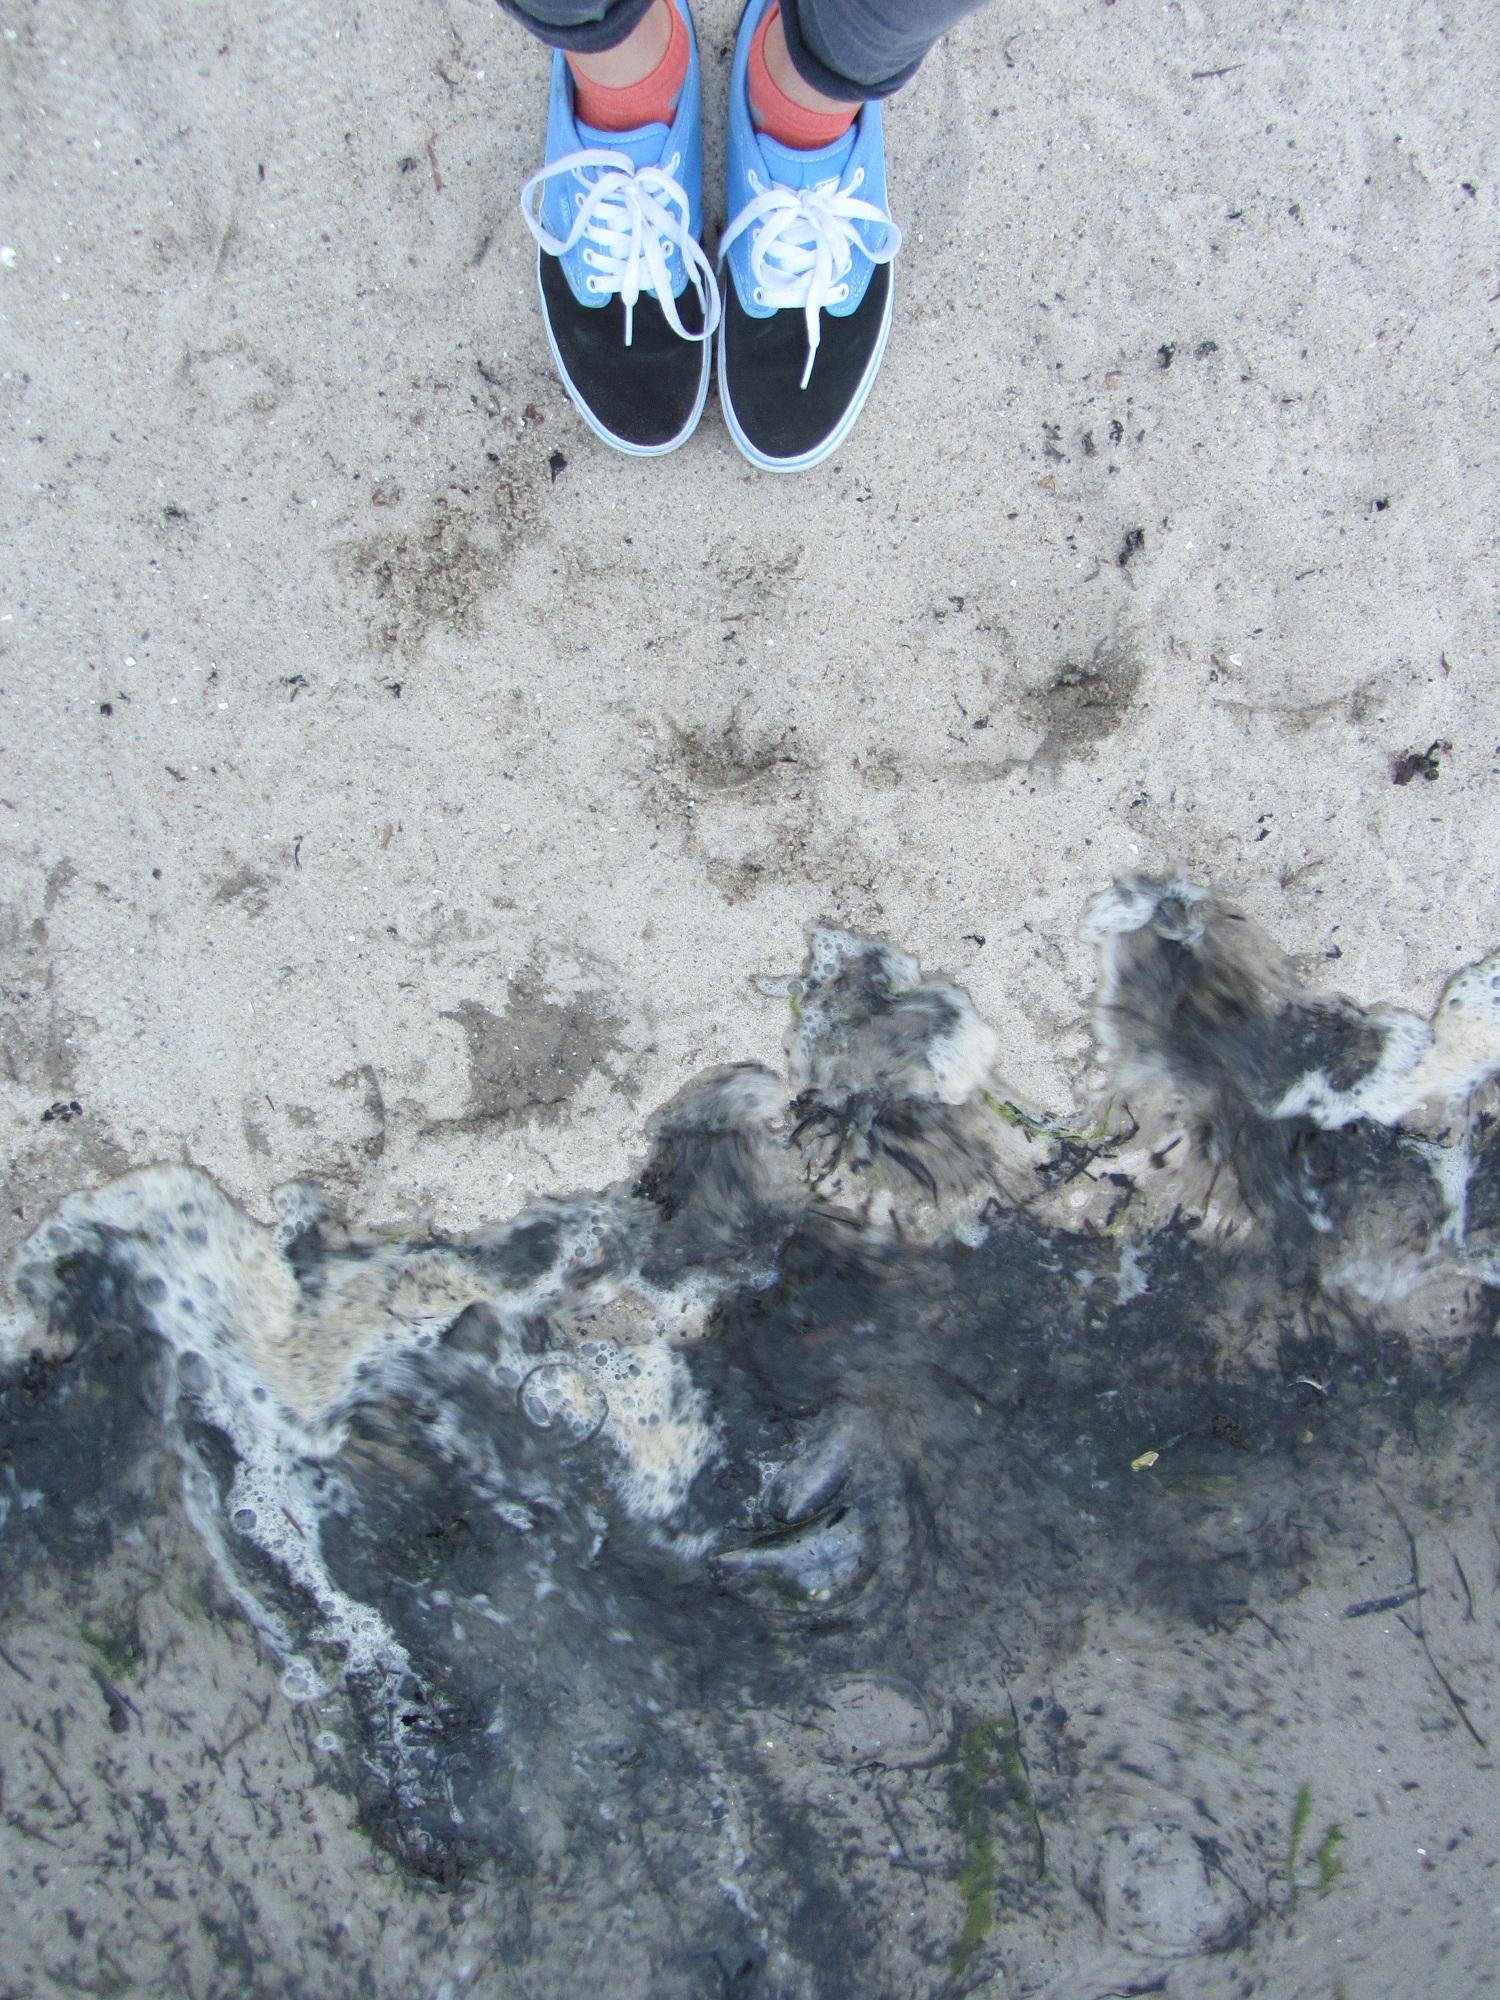 Abends machten wir einen kleinen Ausflug zum Strand, wer entdeckt die Quallen? Die machen die Ostsee immer etwas gruselig, wie ich finde. ©Jana Zoricic